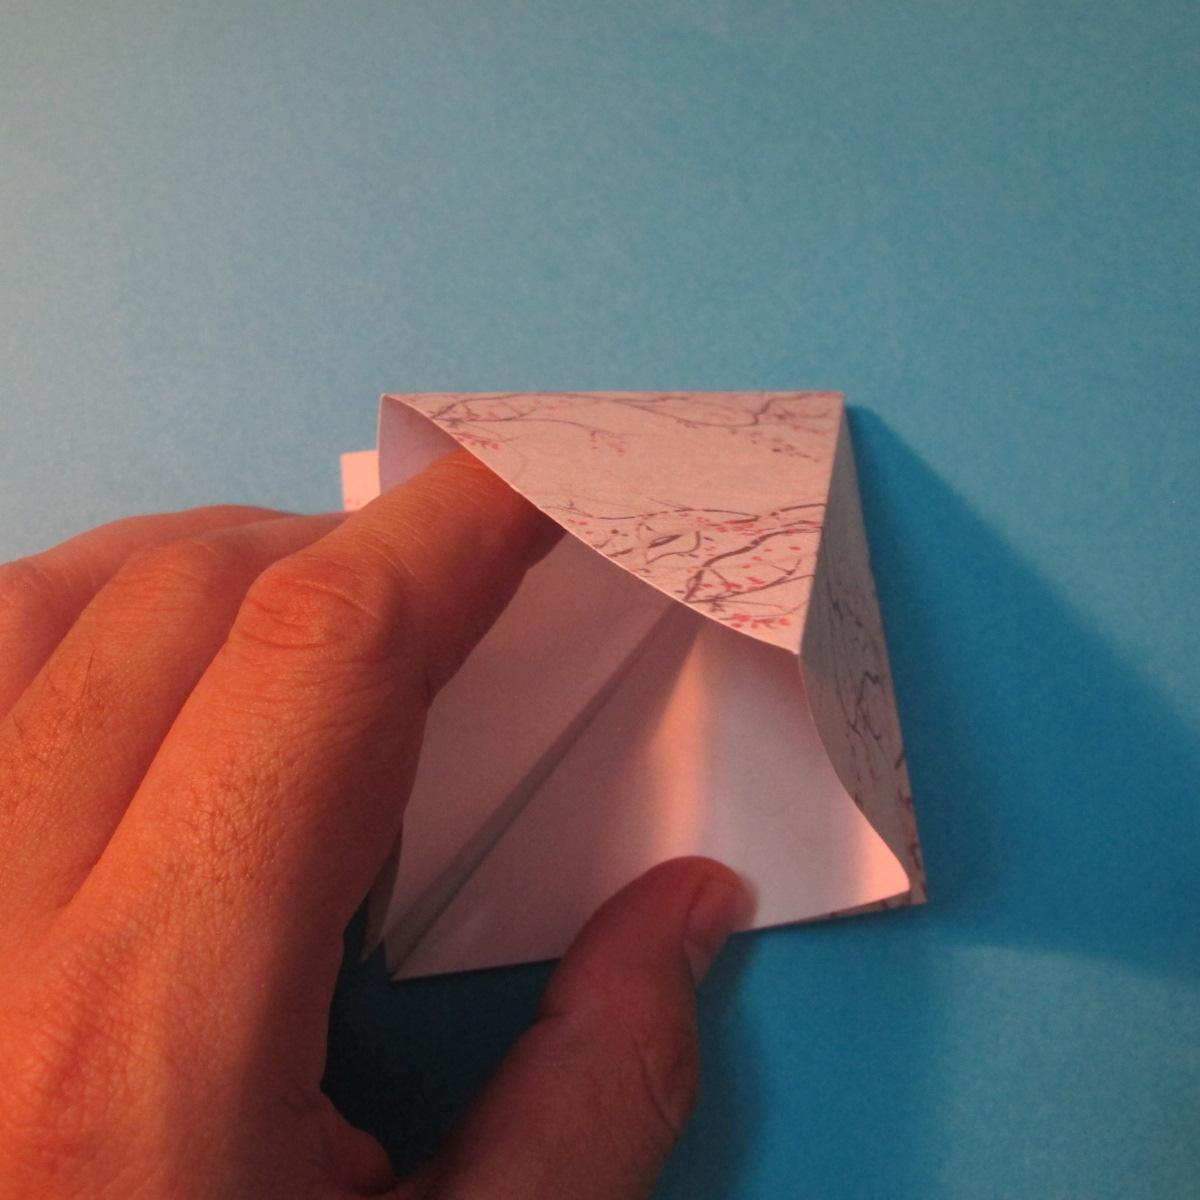 วิธีการพับกระดาษเป็นดาวสี่แฉก 007